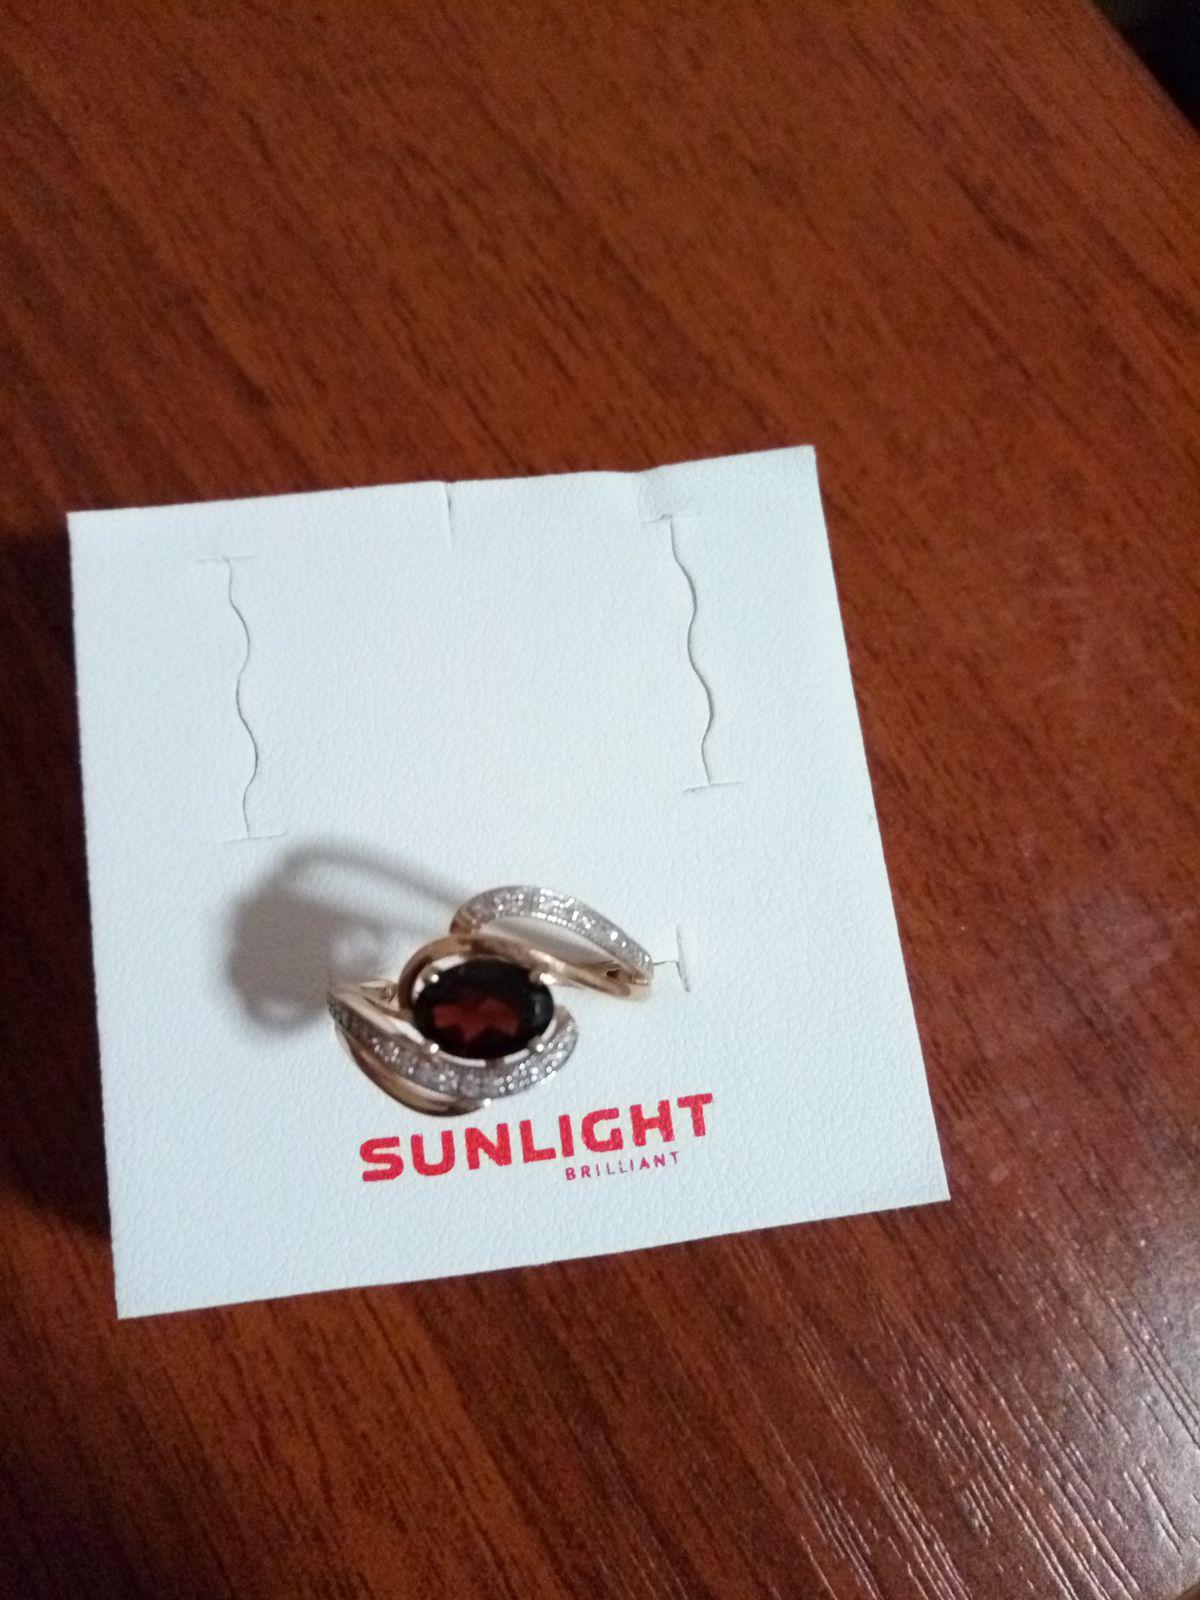 Колечко от Sunlight с гранатом и бриллиантами.Самое главное в подарок. Люблю